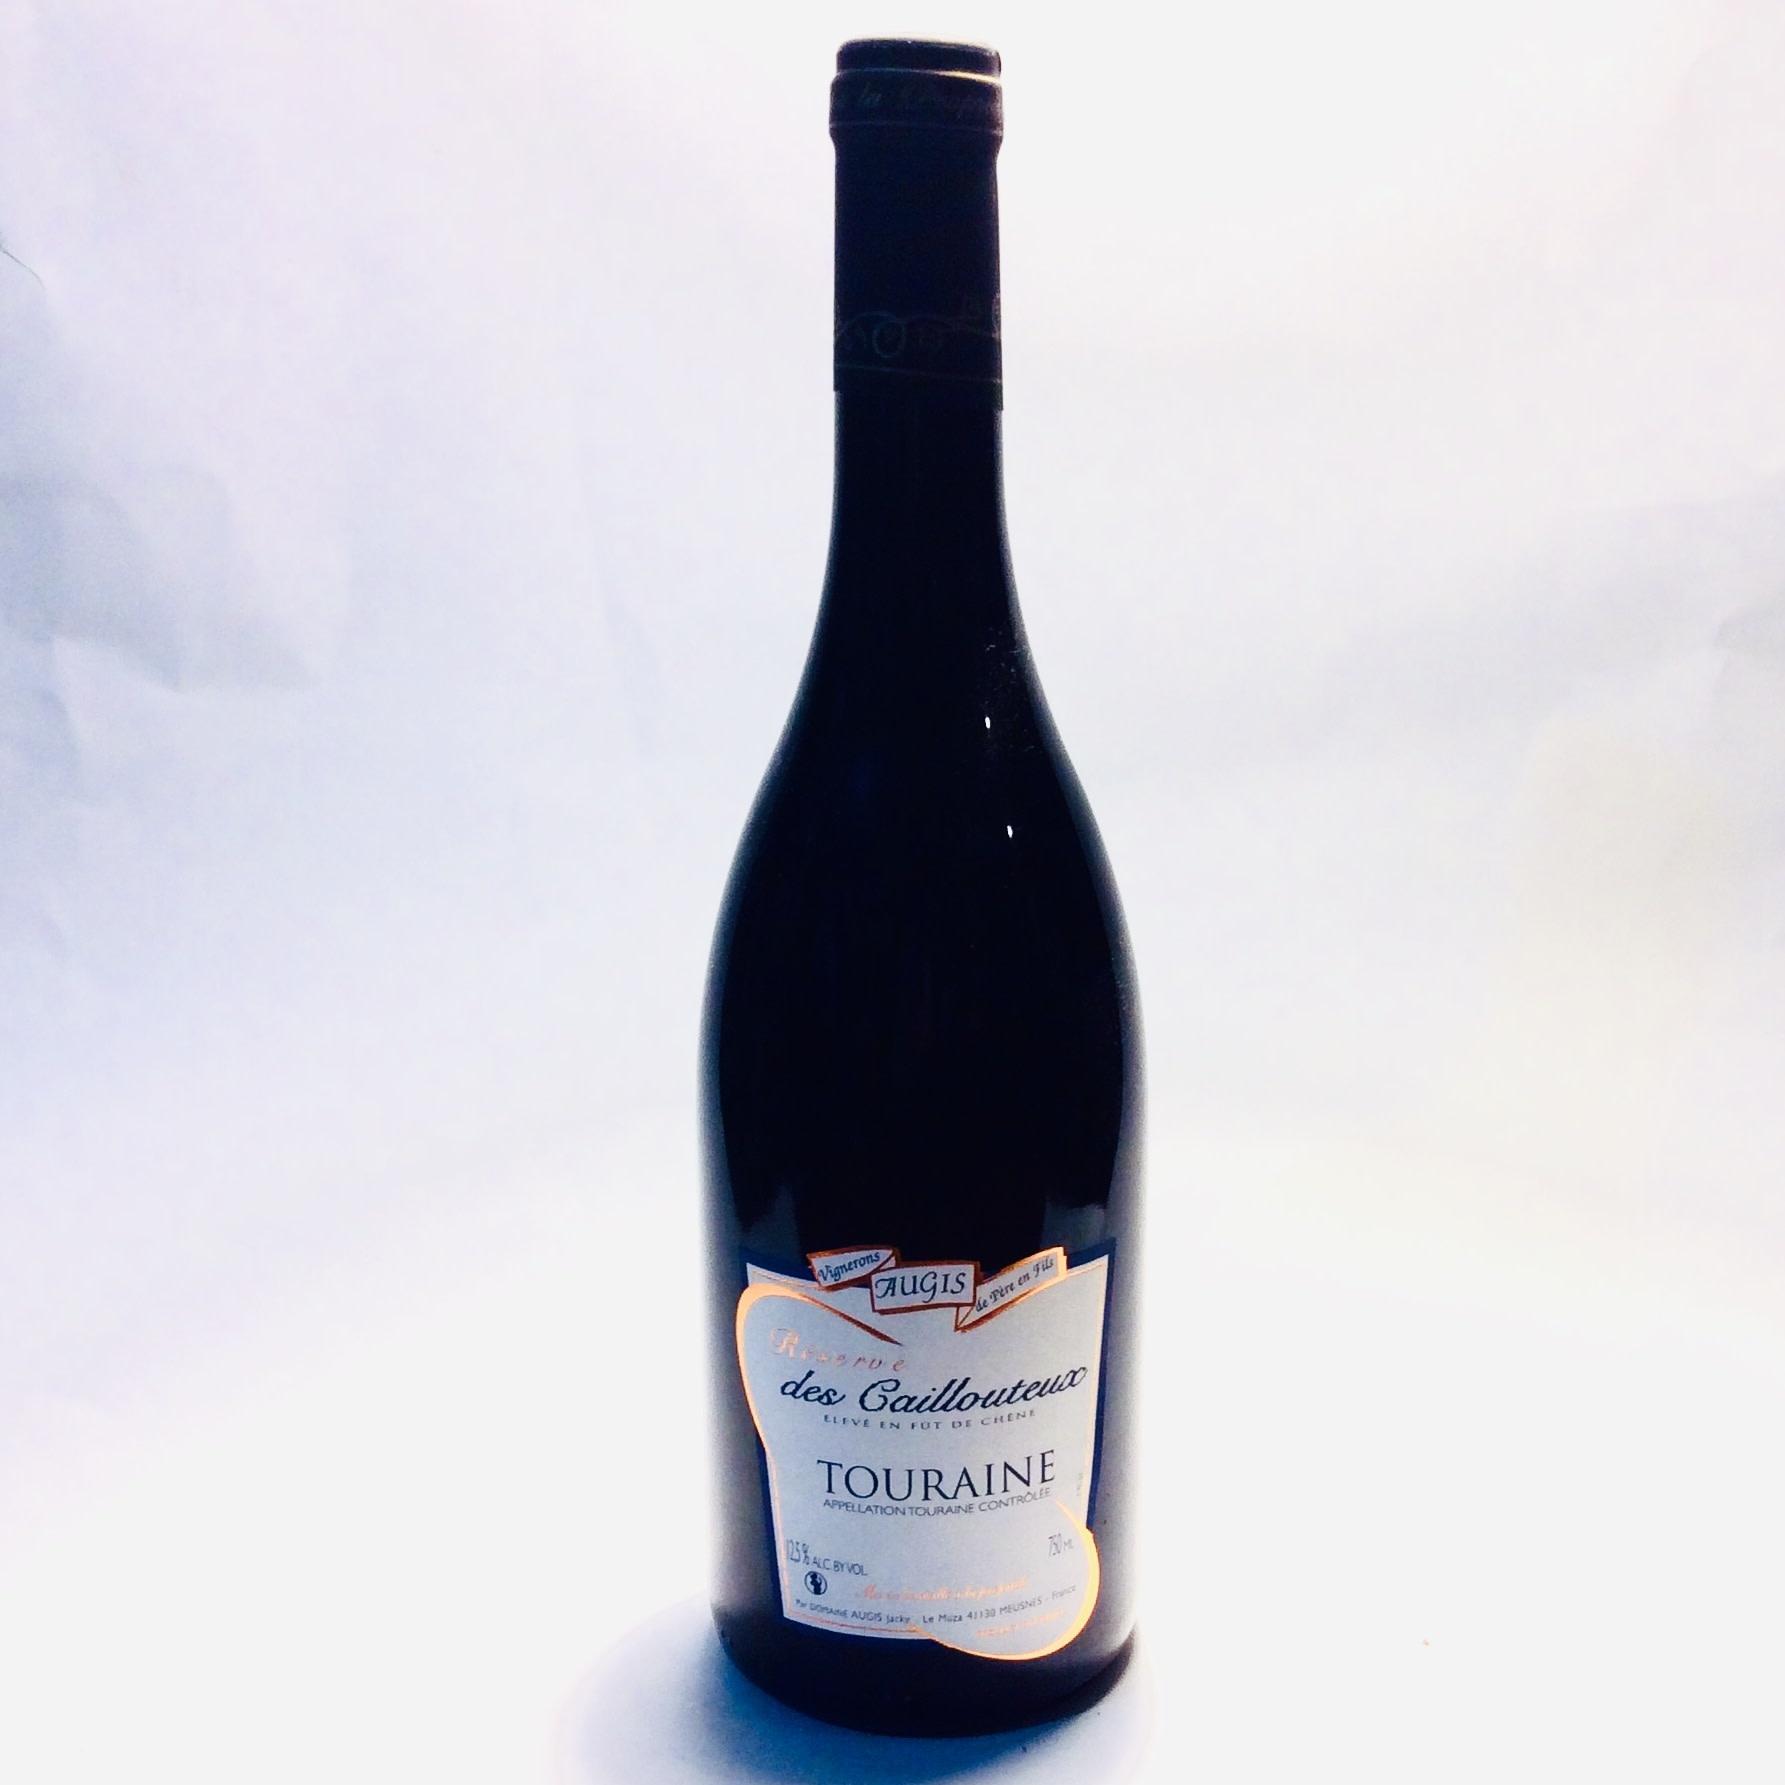 """Augis - Touraine """"Reserve des Caillouteux 2015 (750 ml)"""